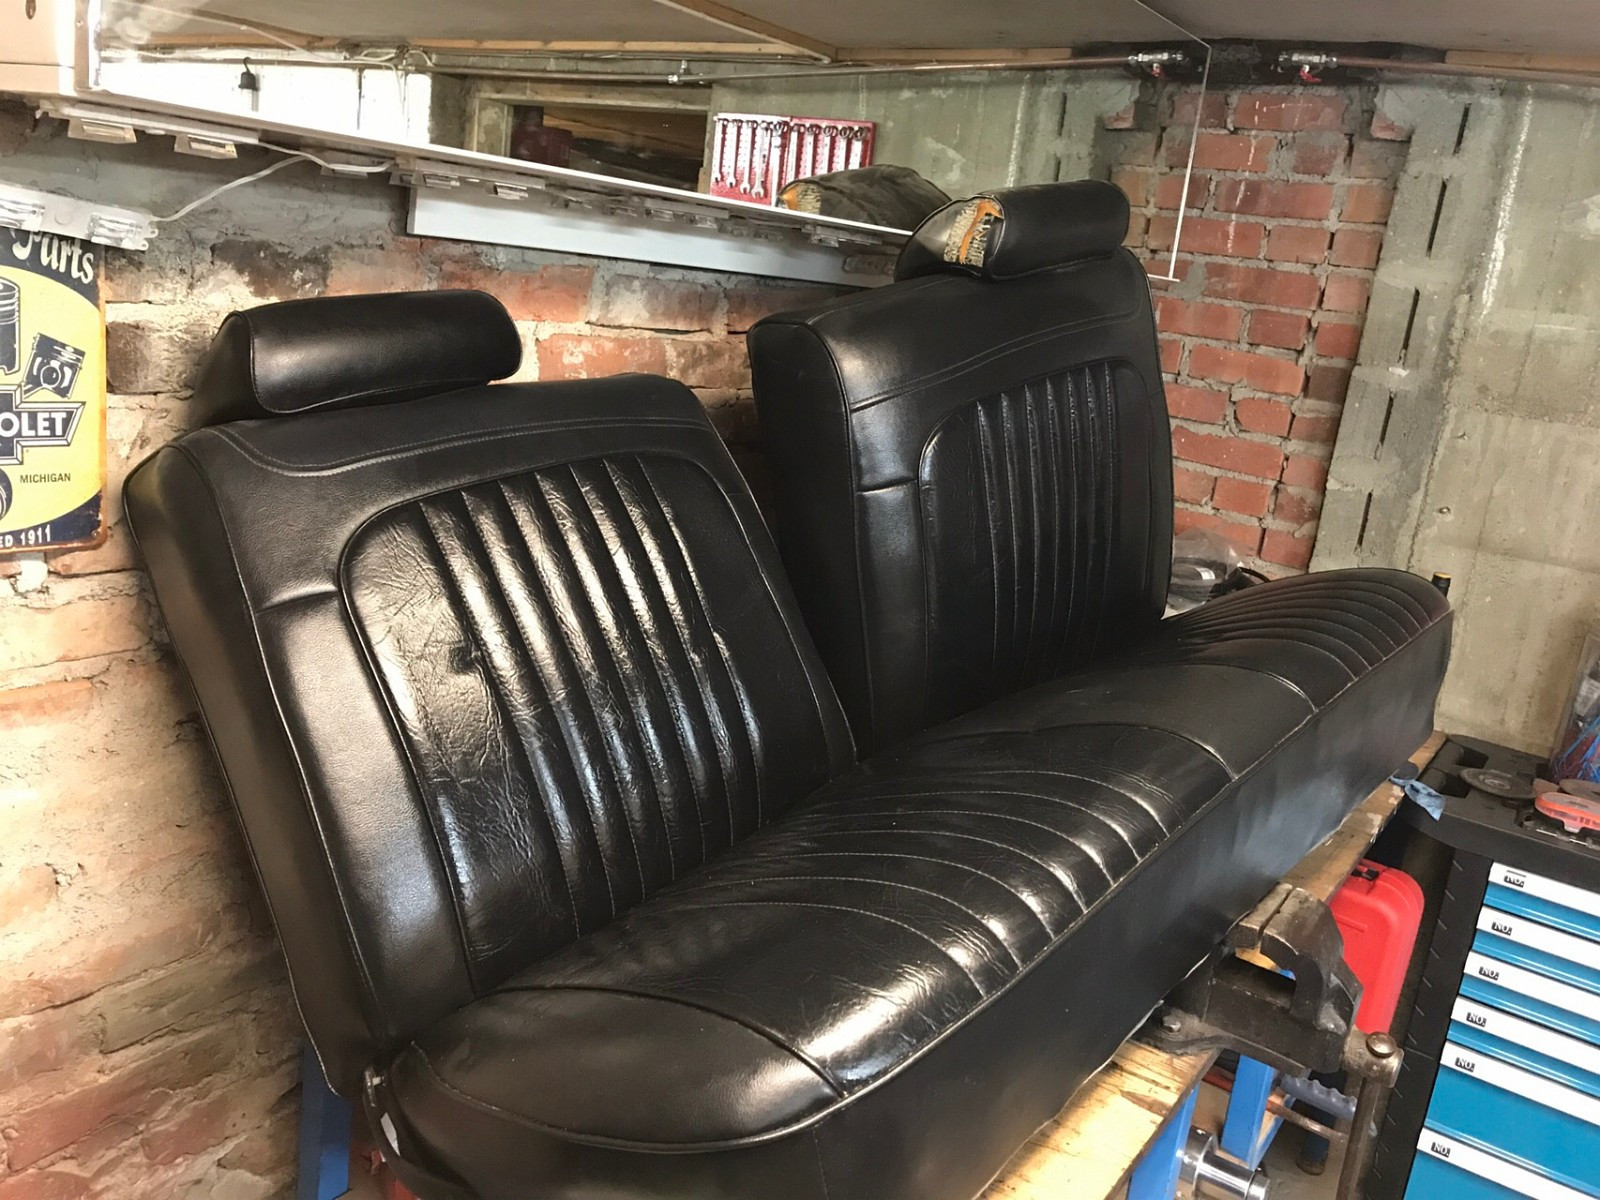 1972 chevelle sofabenk foran - Halden  - Flott og hel sofabenk til 72 chevelle selges. Passer vel alle mid size biler. 140 cm bred - Halden